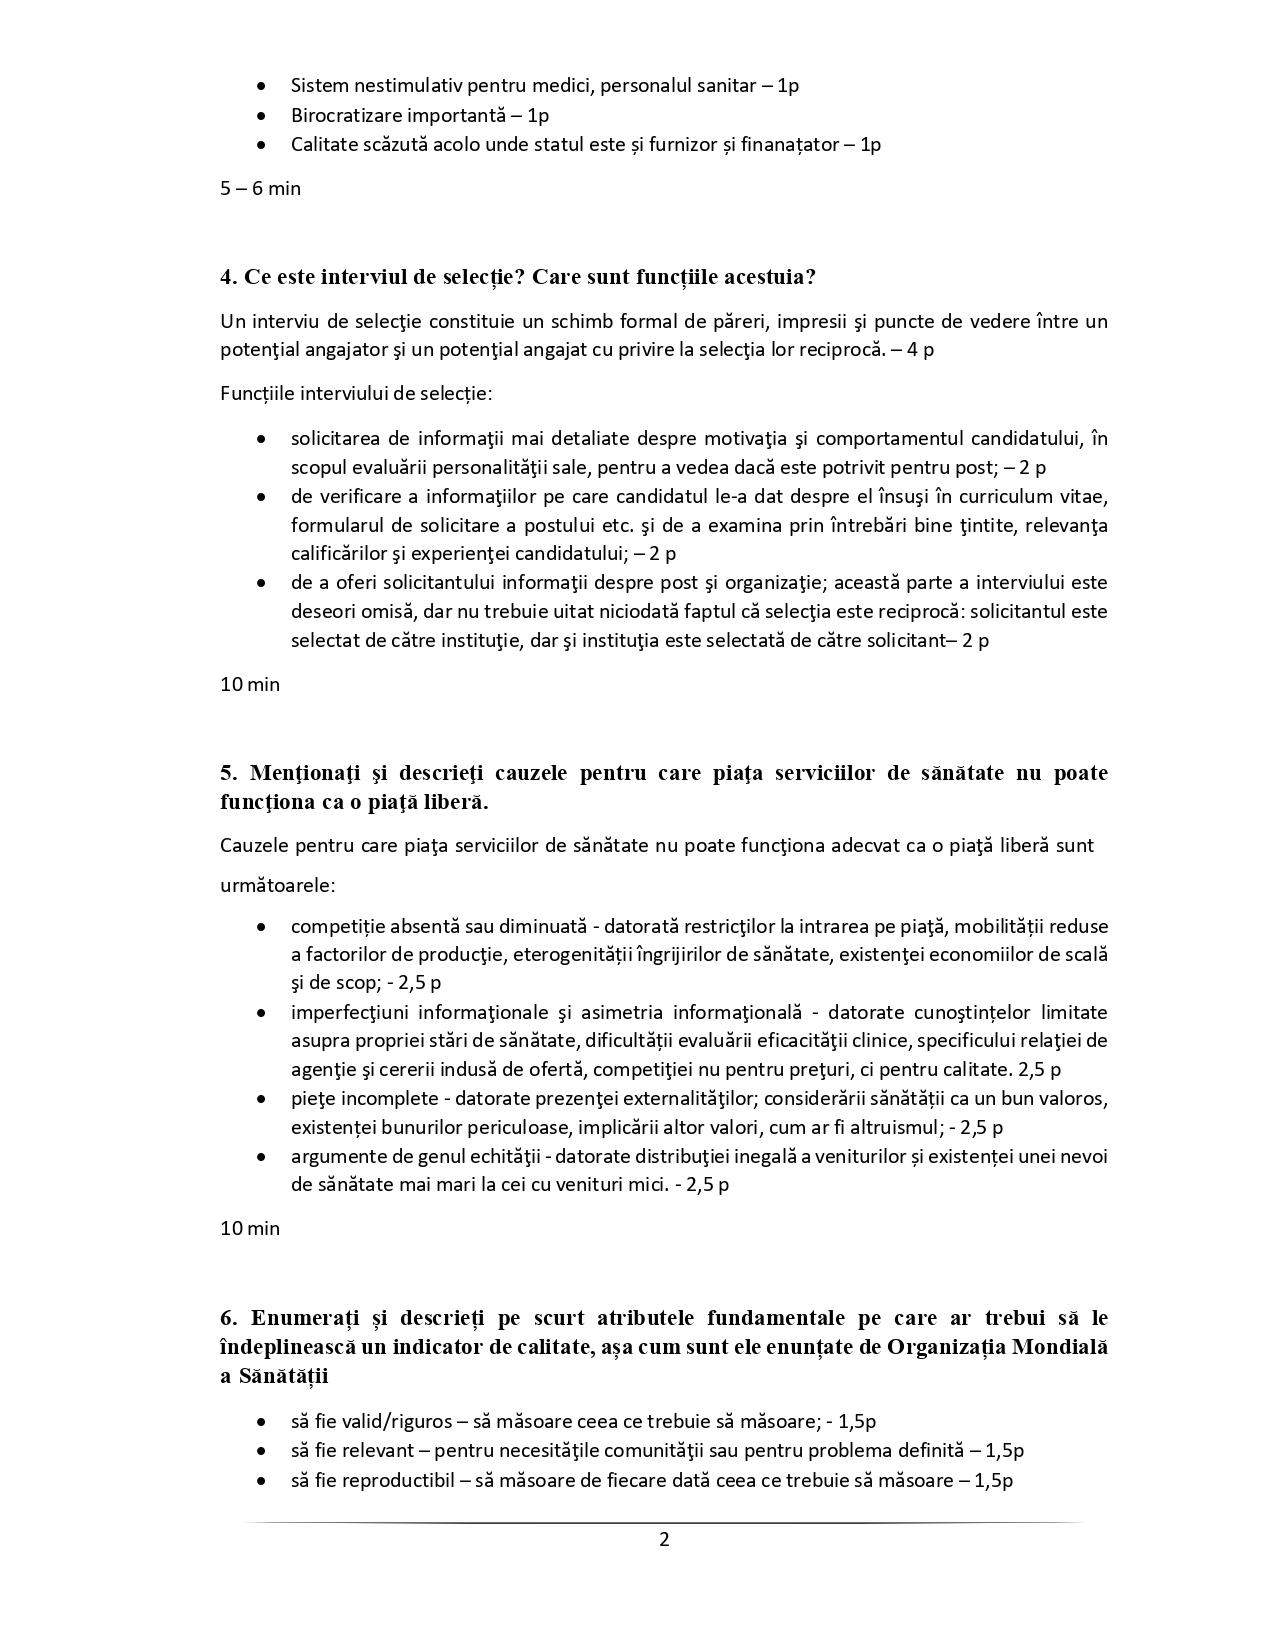 funcții și probleme de vedere recenzii despre clinici oftalmologice